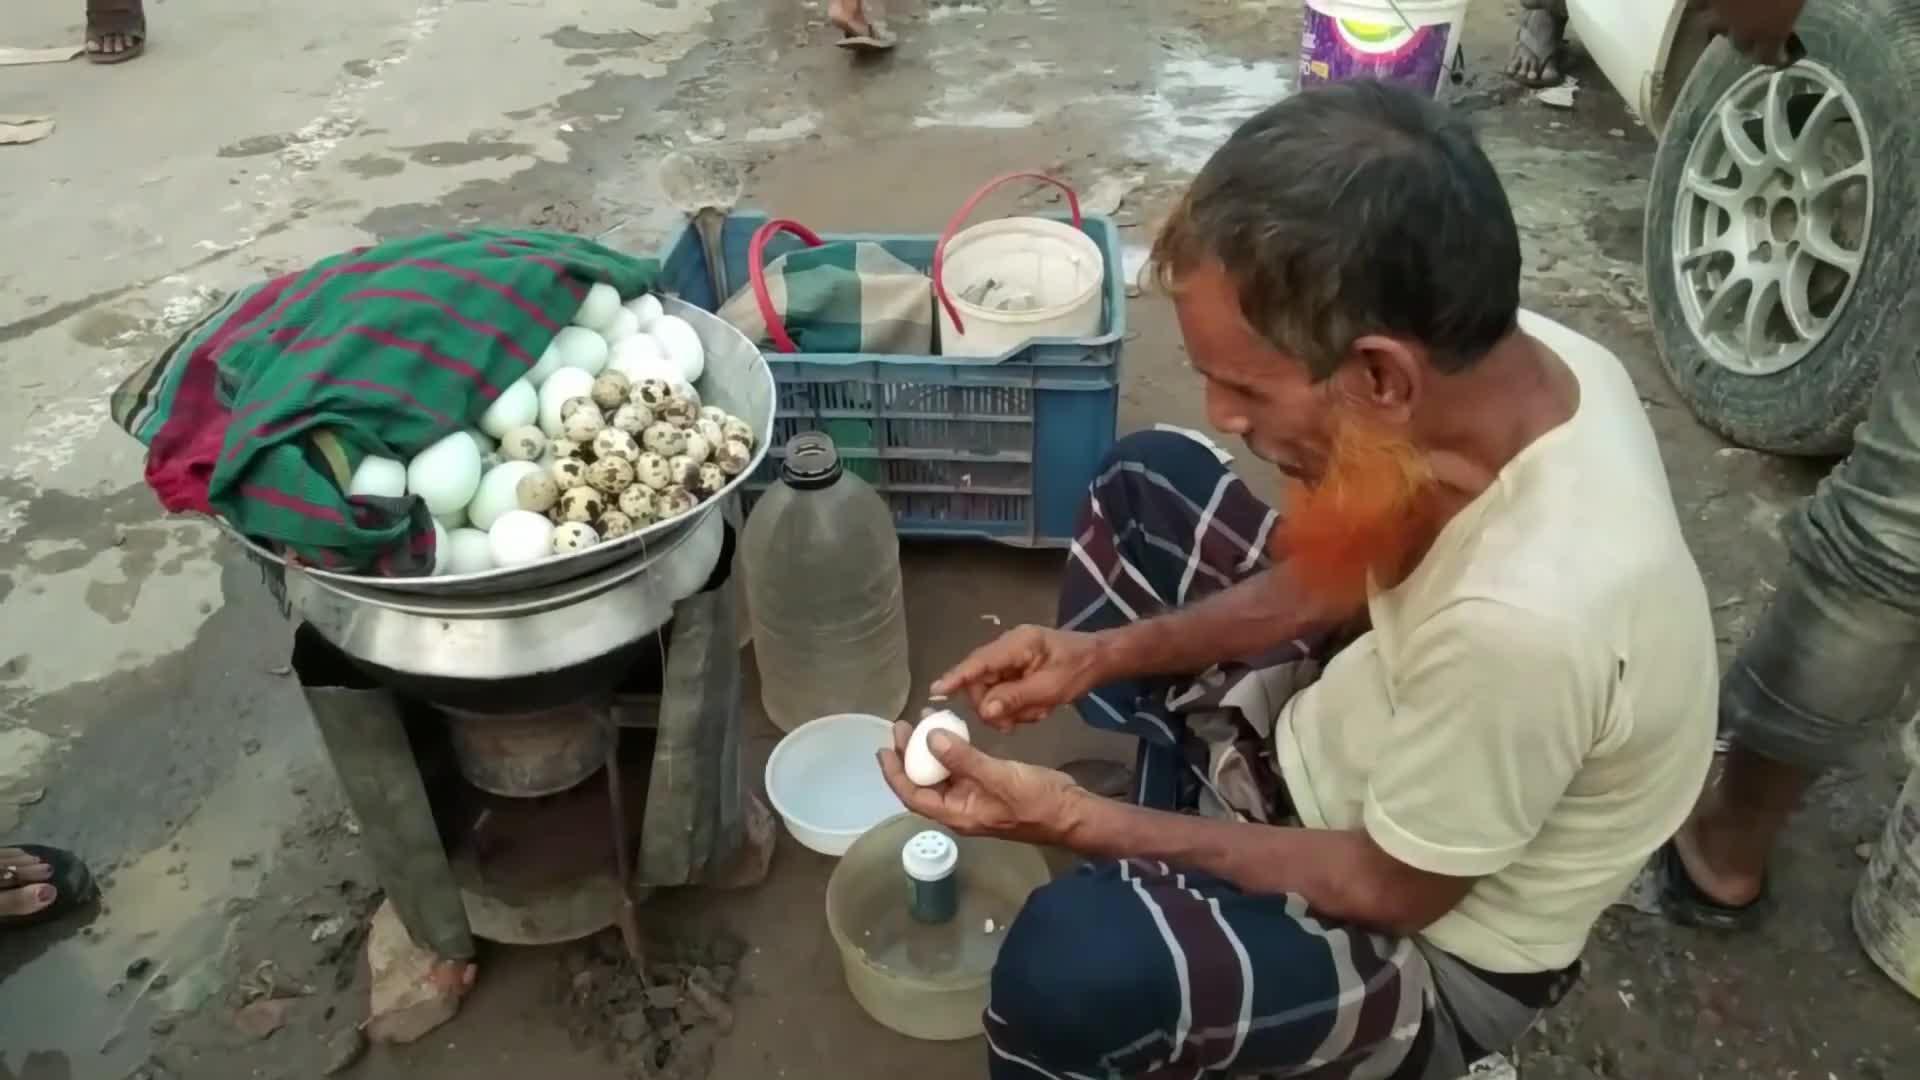 印度街头的水煮蛋,用勺子剥壳后用绳子切开,撒上调料太重口味!